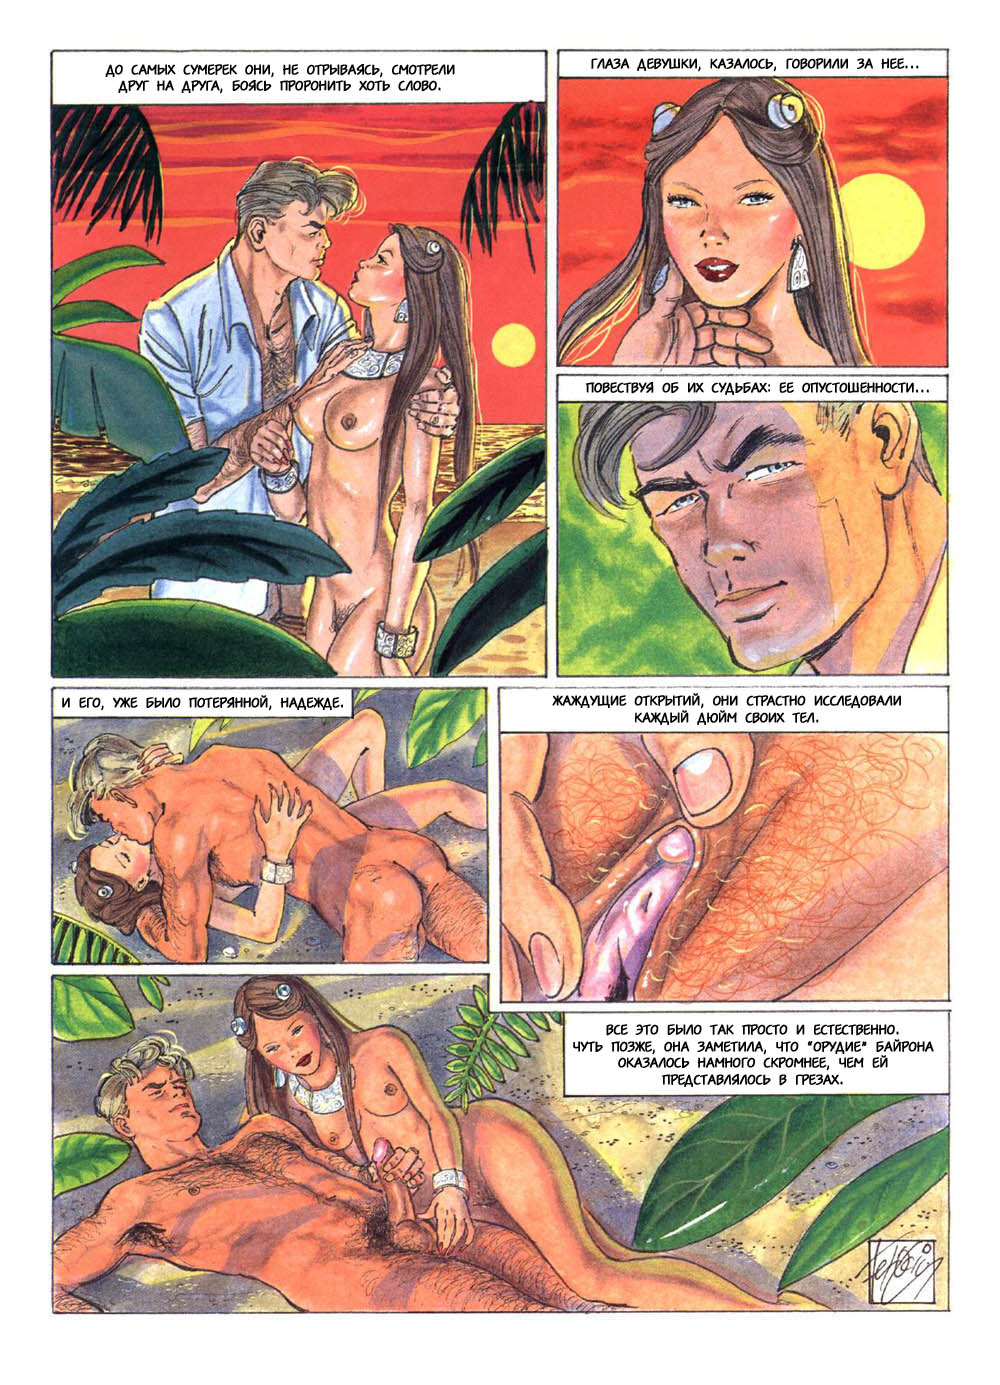 Порно Комиксы Из Америки И Европы